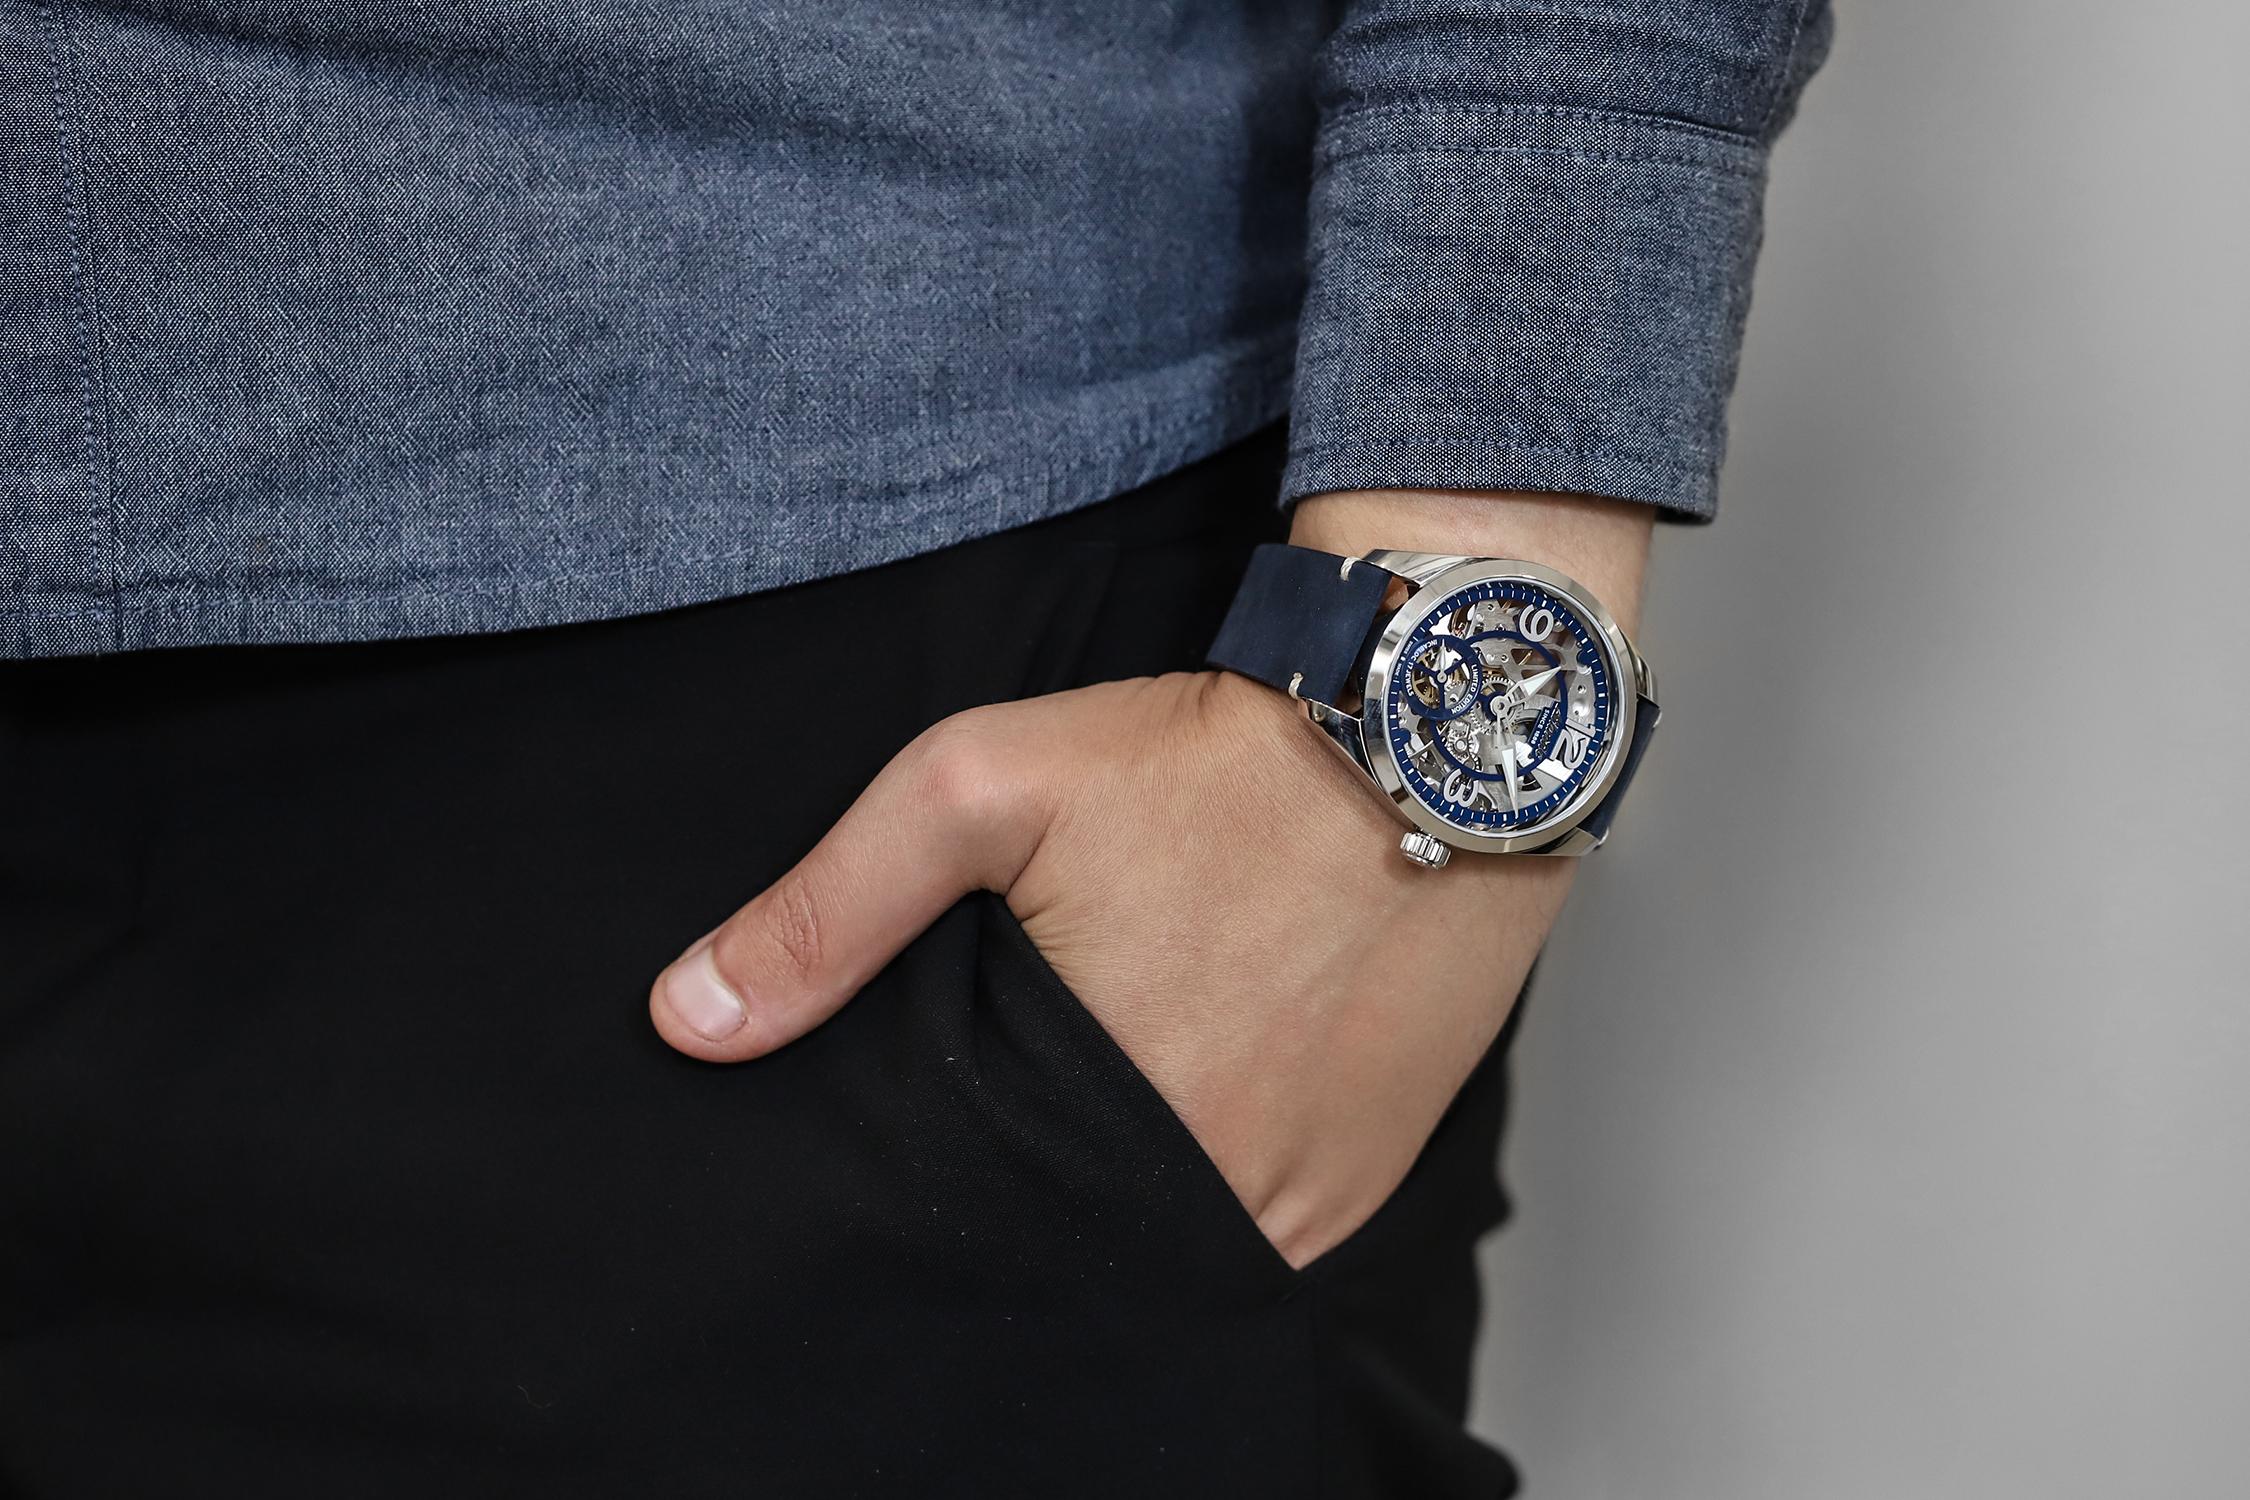 Zegarek Atlantic Sealight jako przykład sztuki zegarmistrzowskiej.